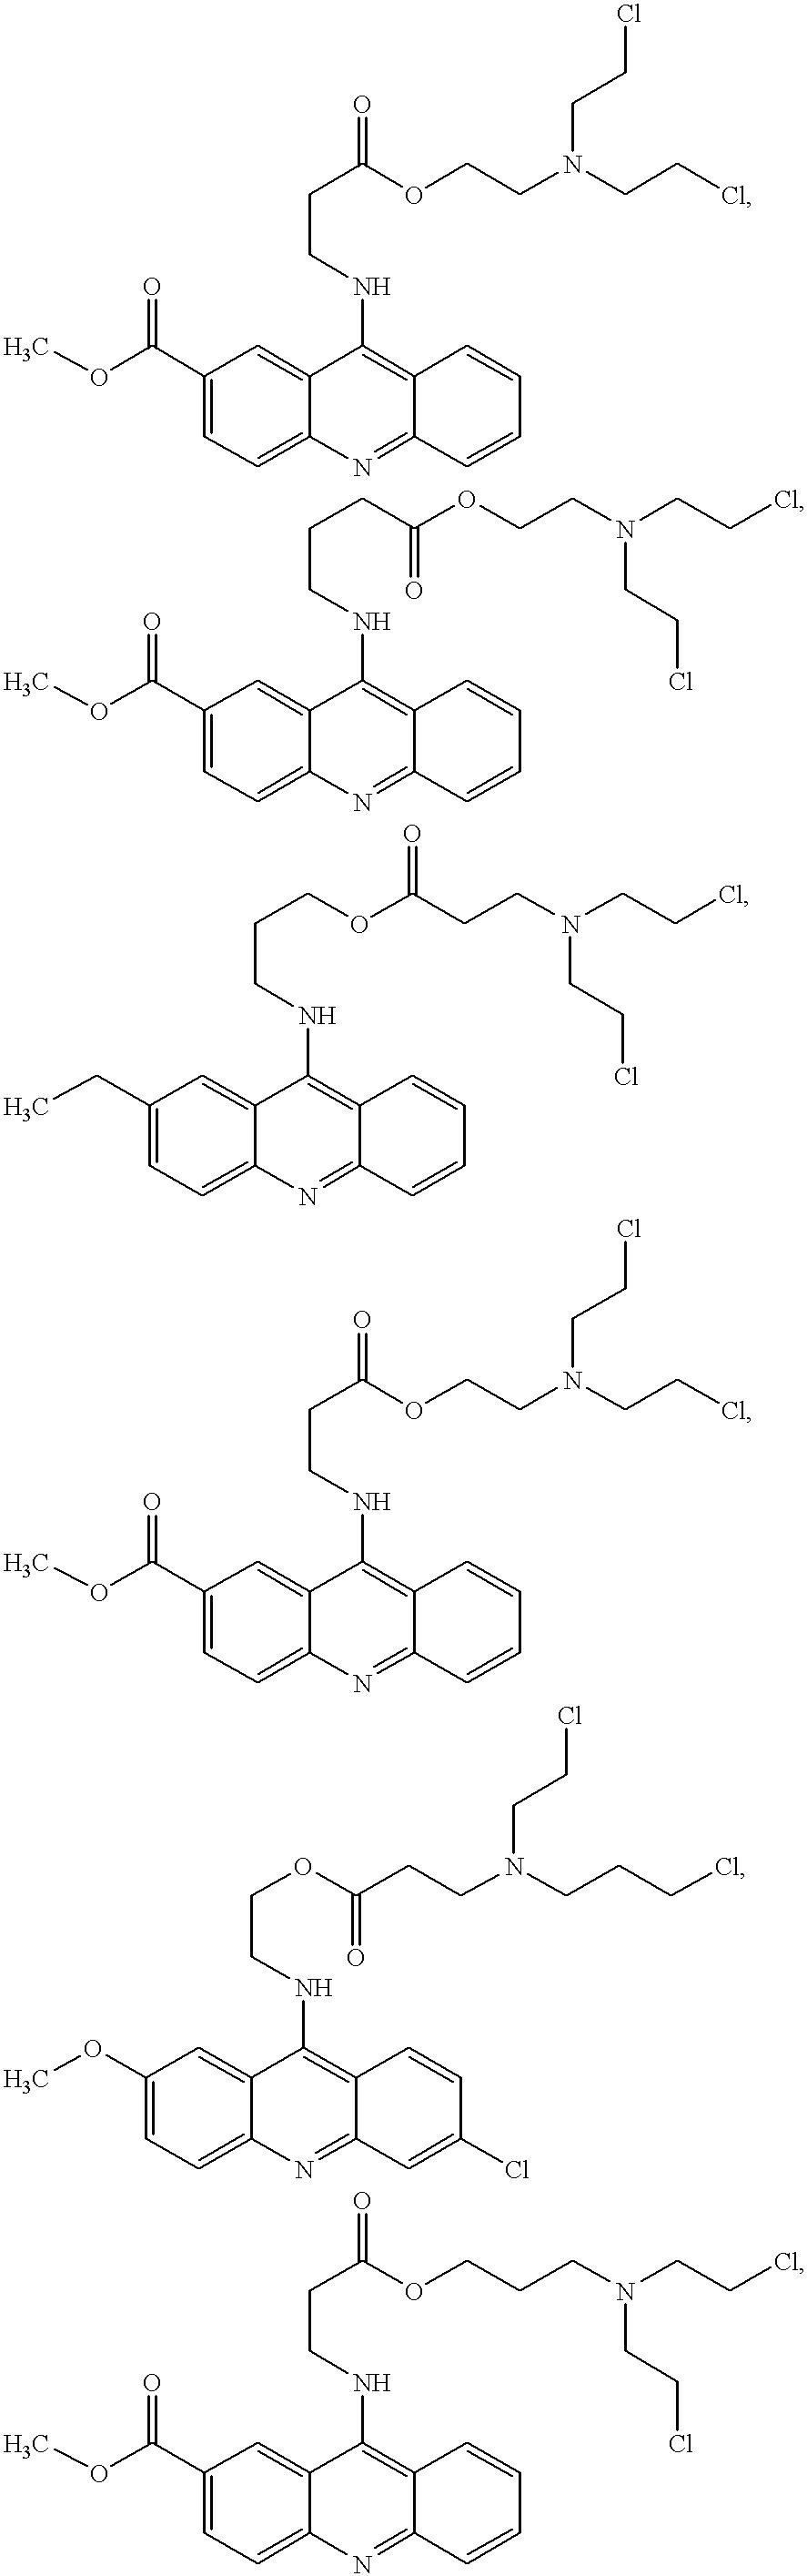 Figure US06281225-20010828-C00006